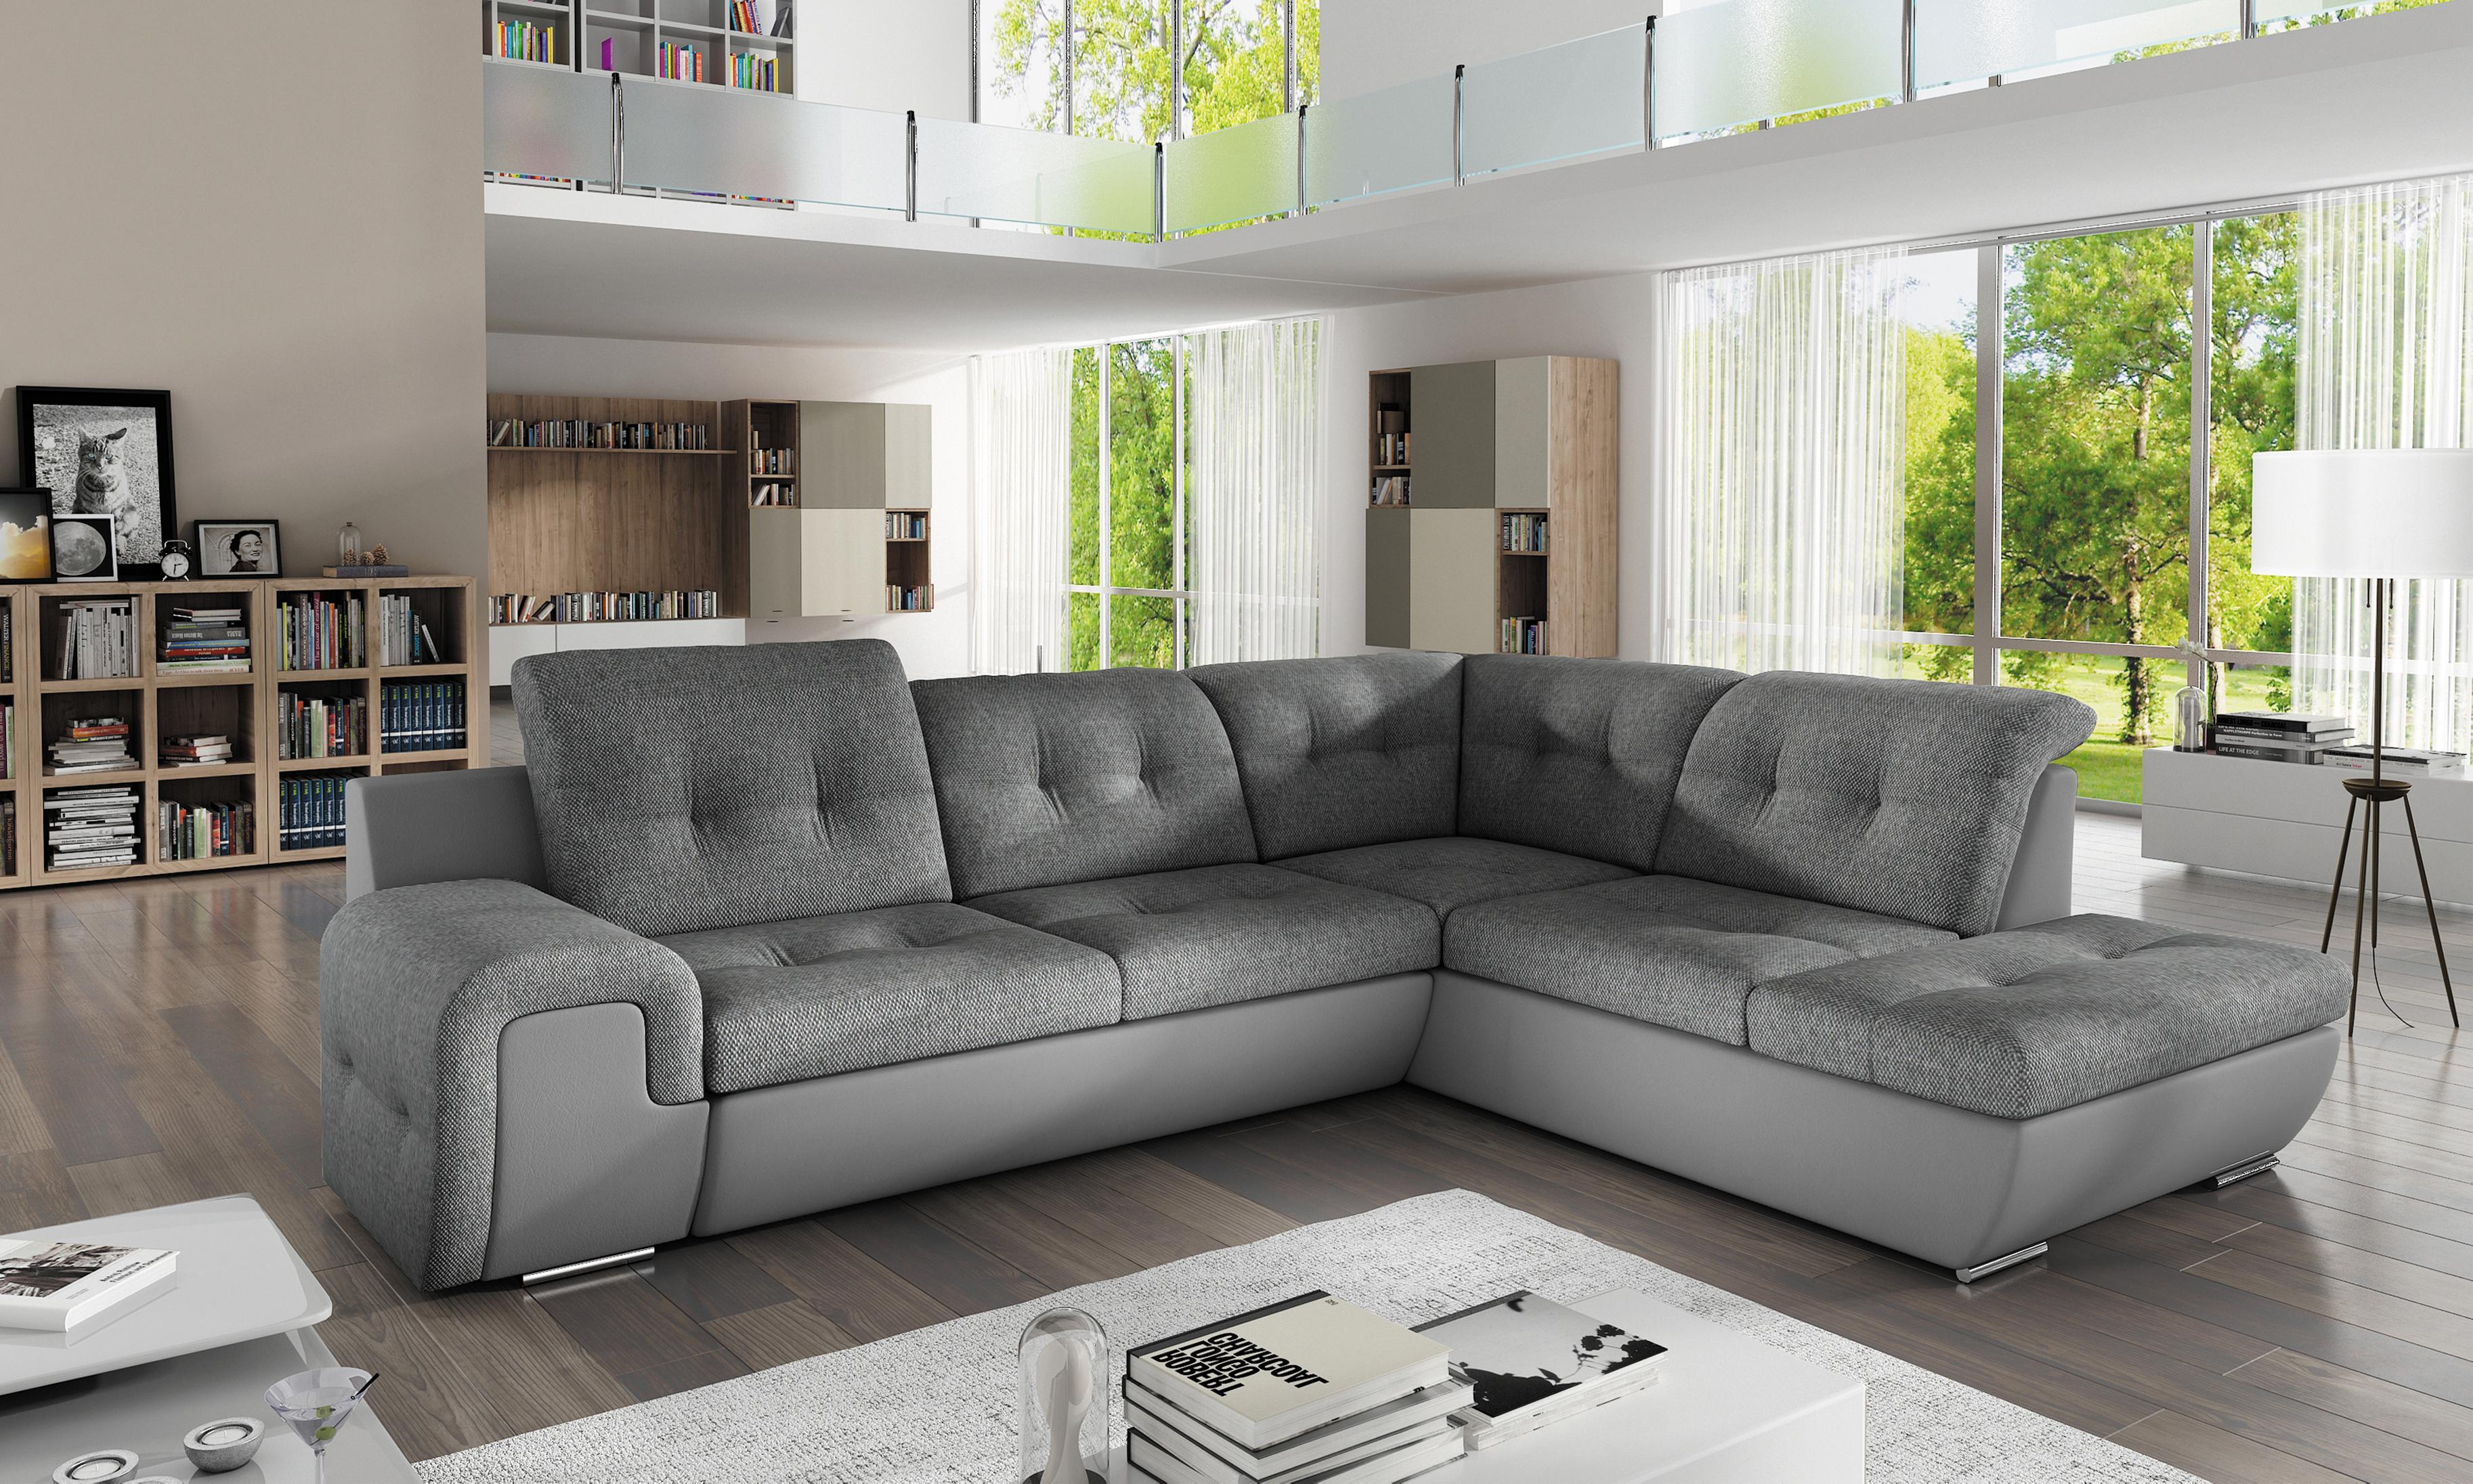 Couchdiscounter qualit t auswahl service und g nstige for Ecksofa 230 cm breit